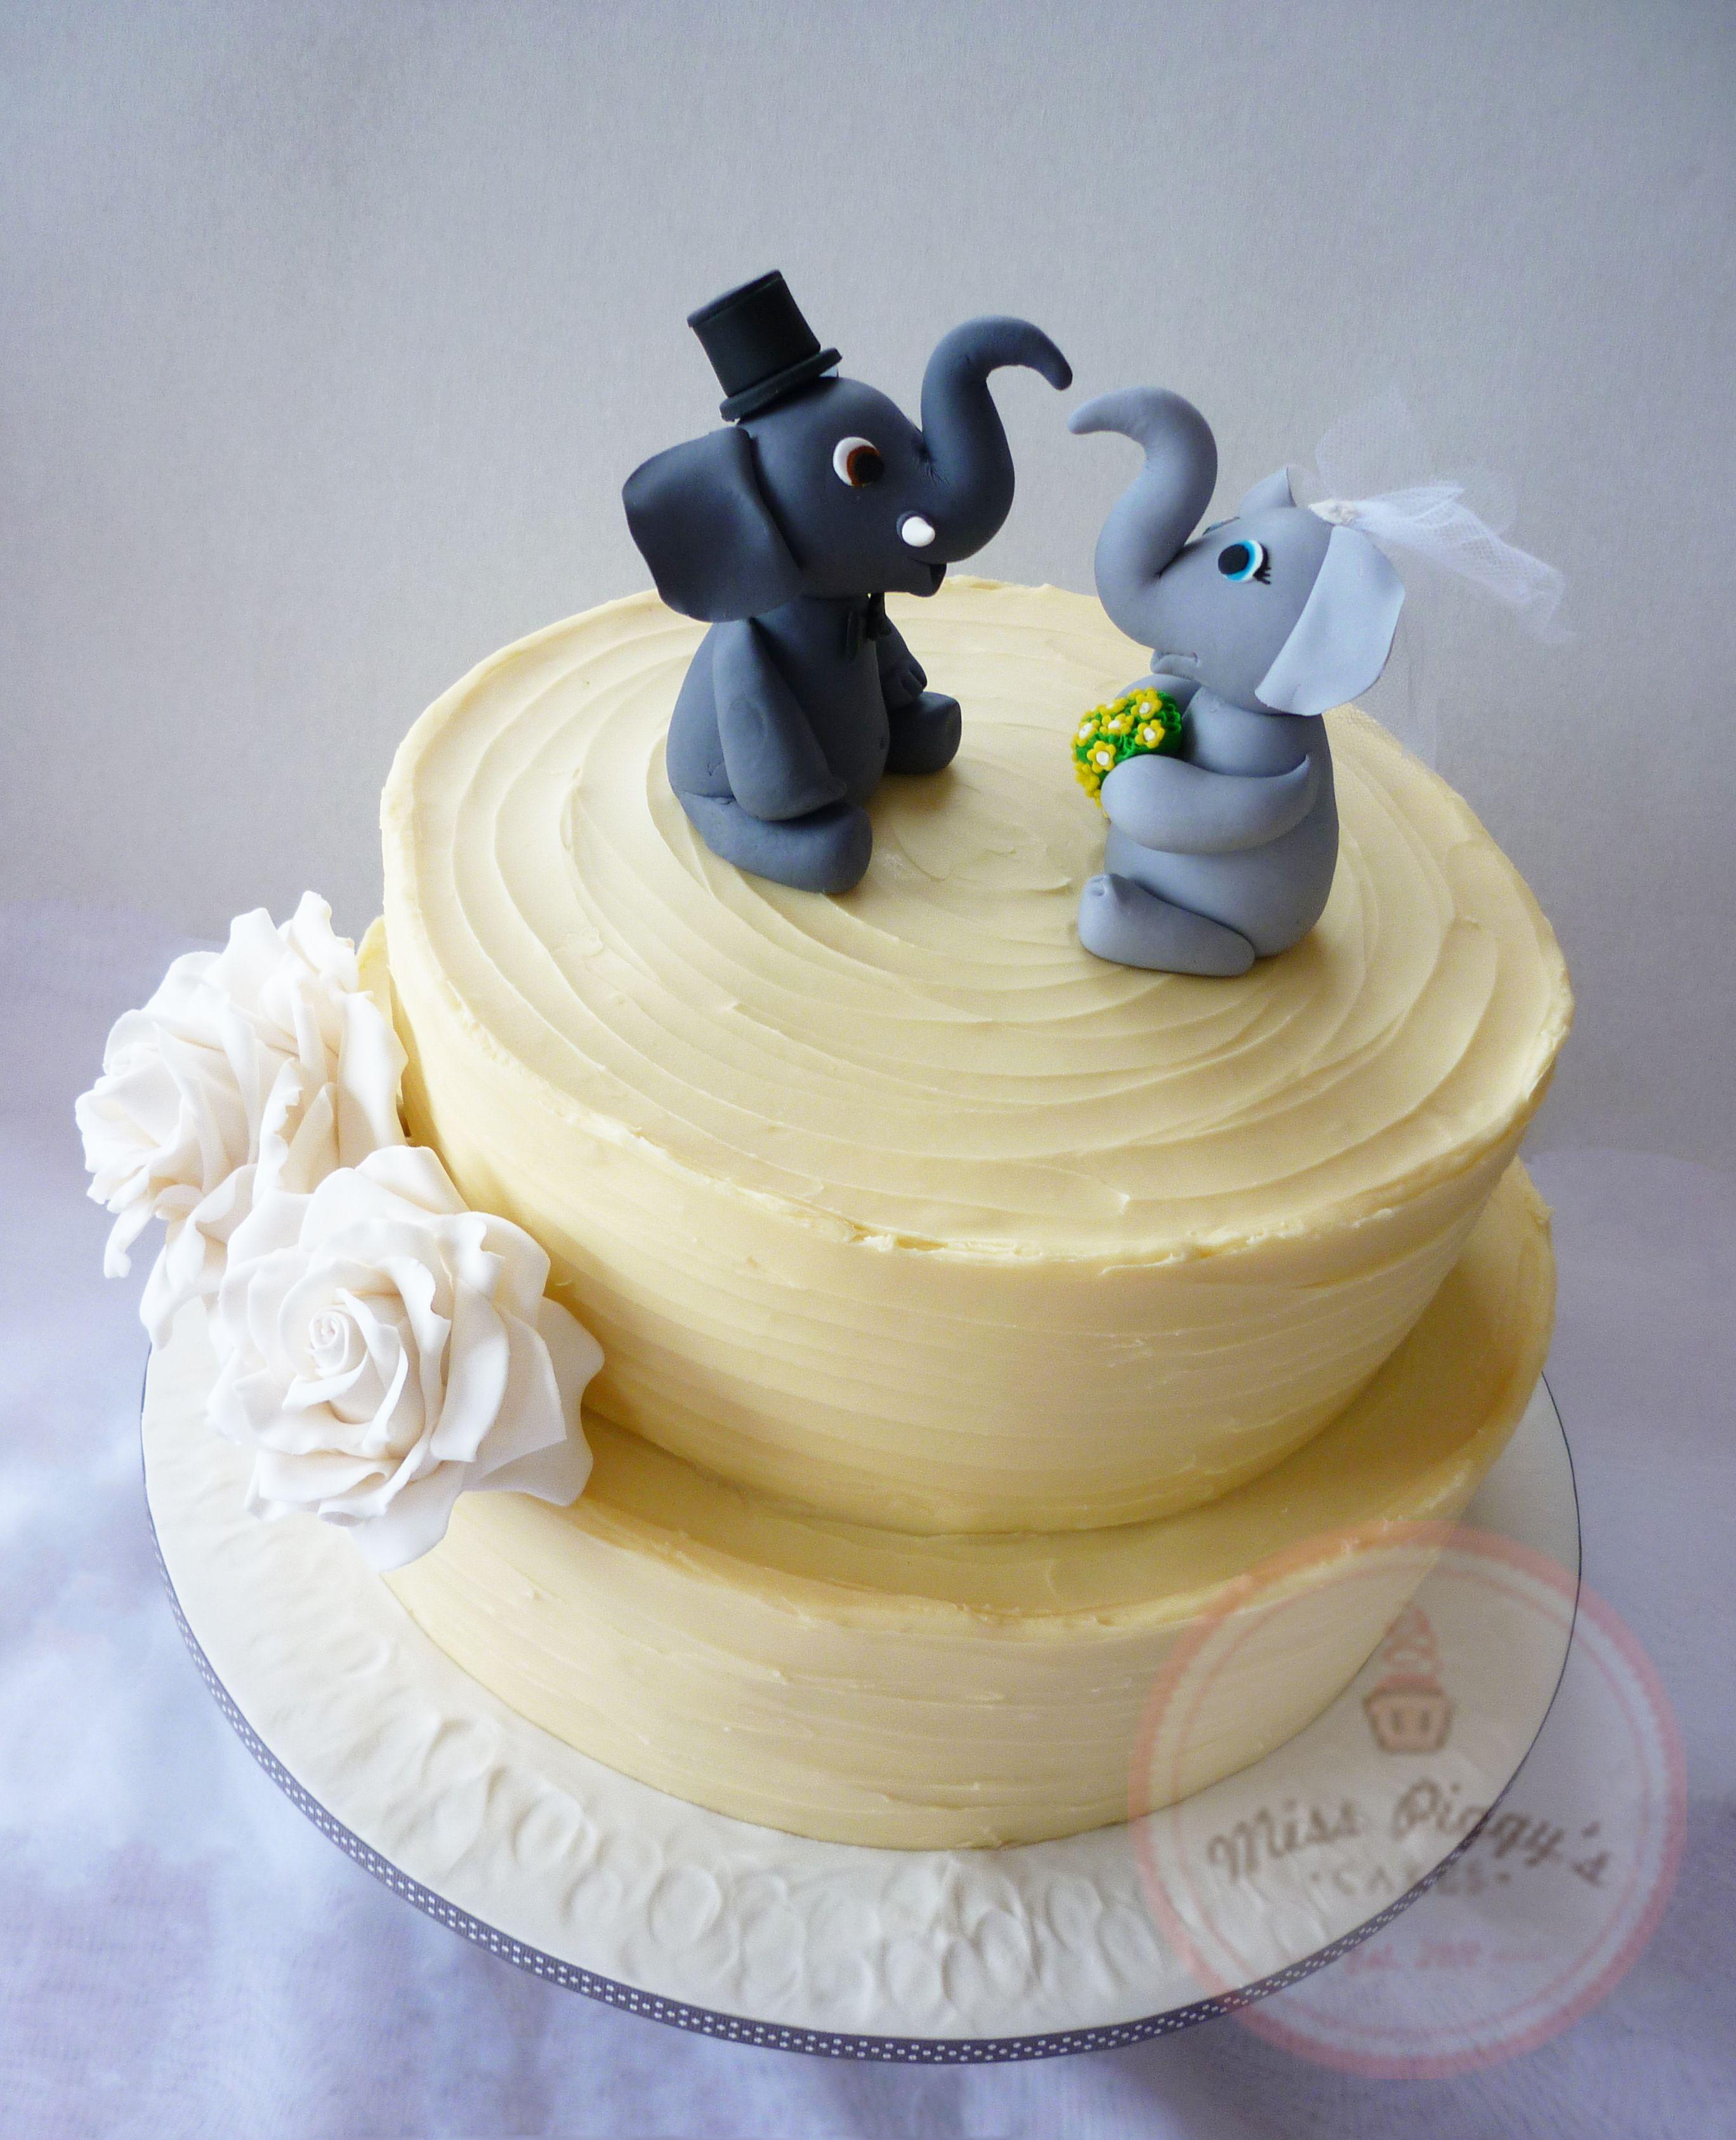 Fondant free wedding cake with hand made gumpaste elephant